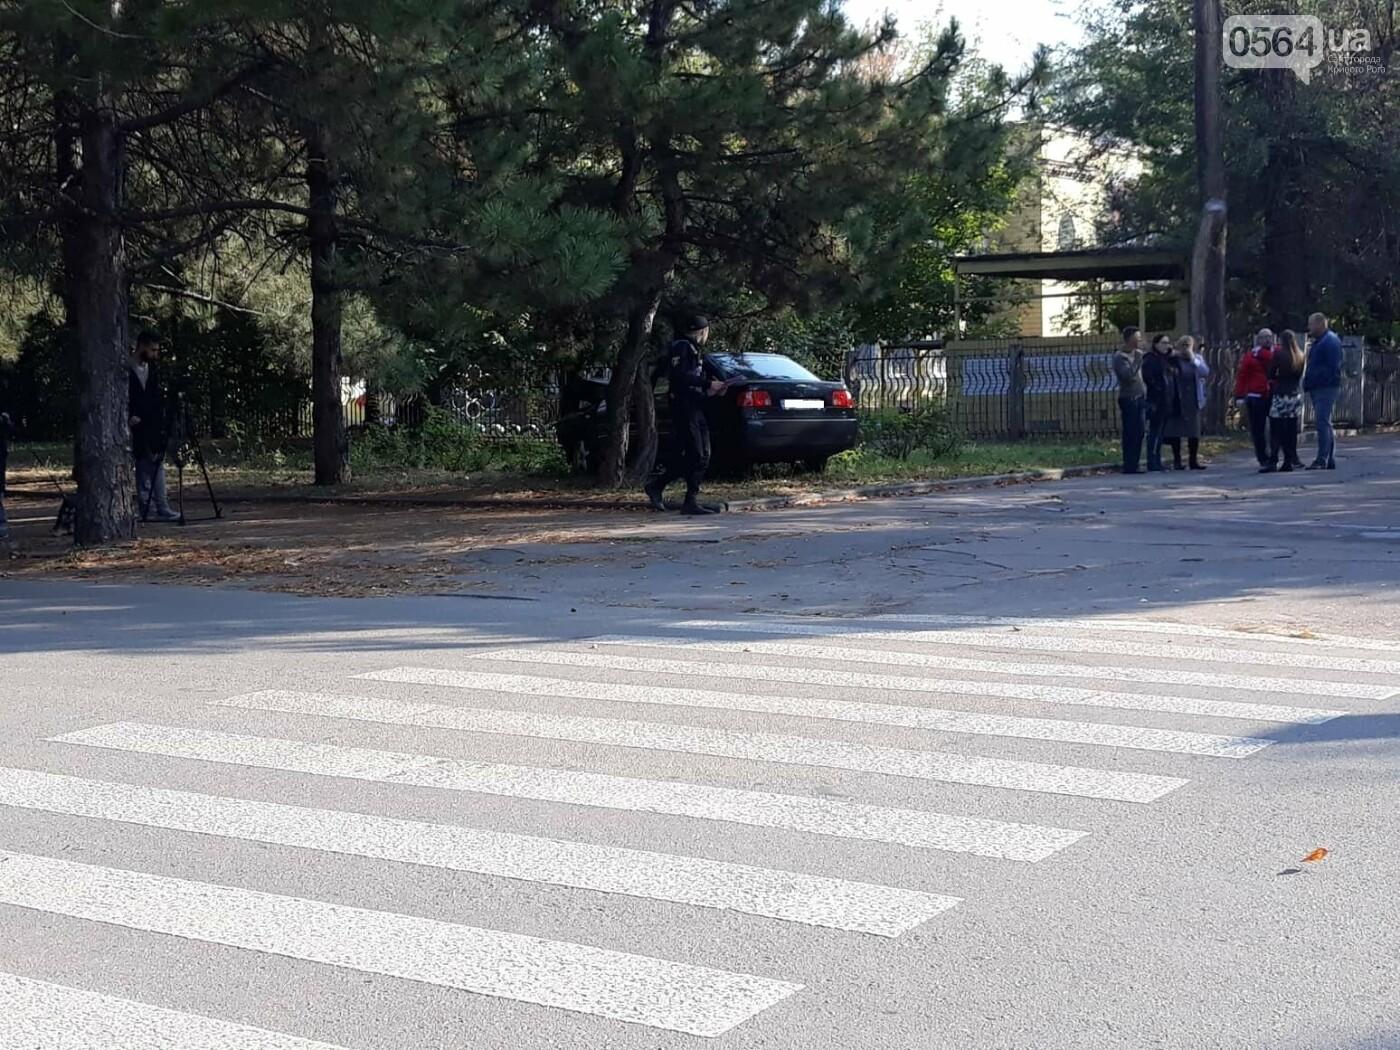 ДТП в Кривом Роге: от удара Chery выбросило далеко за пределы проезжей части, фото-6